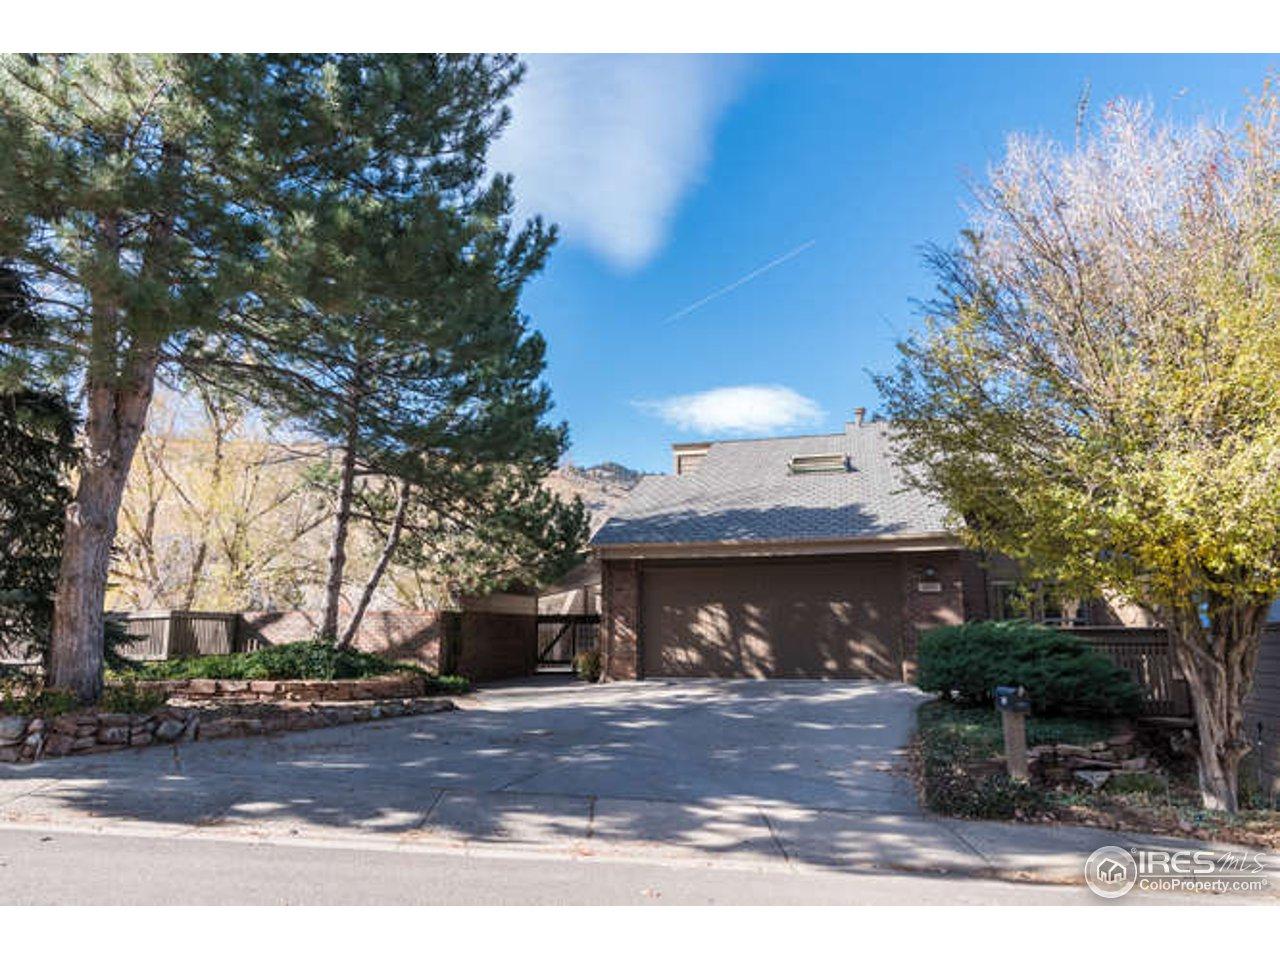 603 Quince Cir, Boulder CO 80304